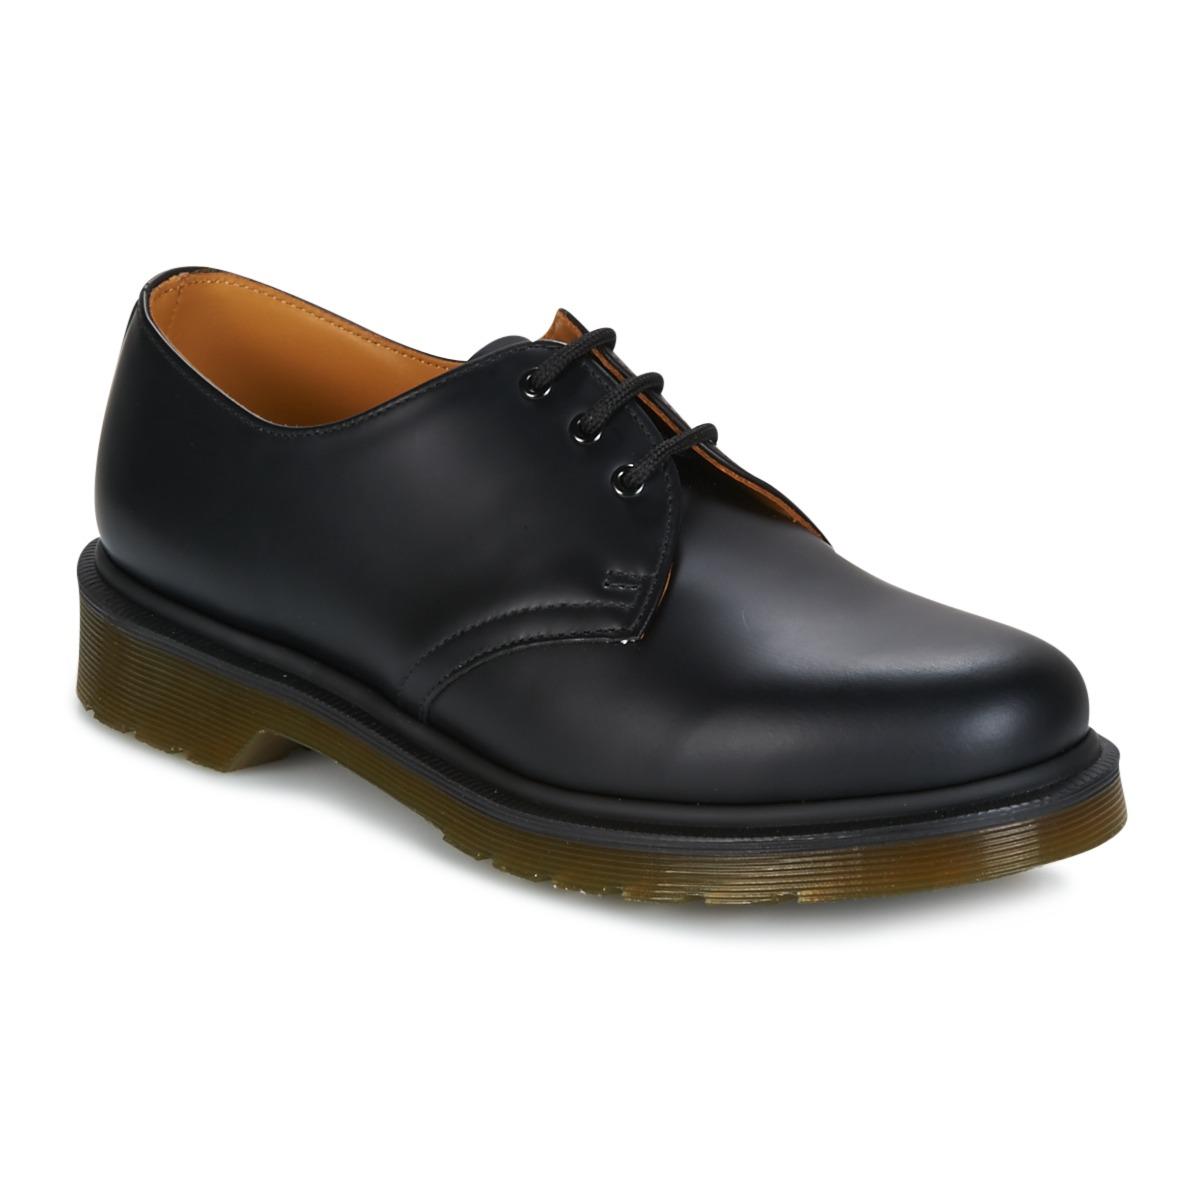 Accessoires Martens Livraison Dr Chaussures Beaute zx8EZgq